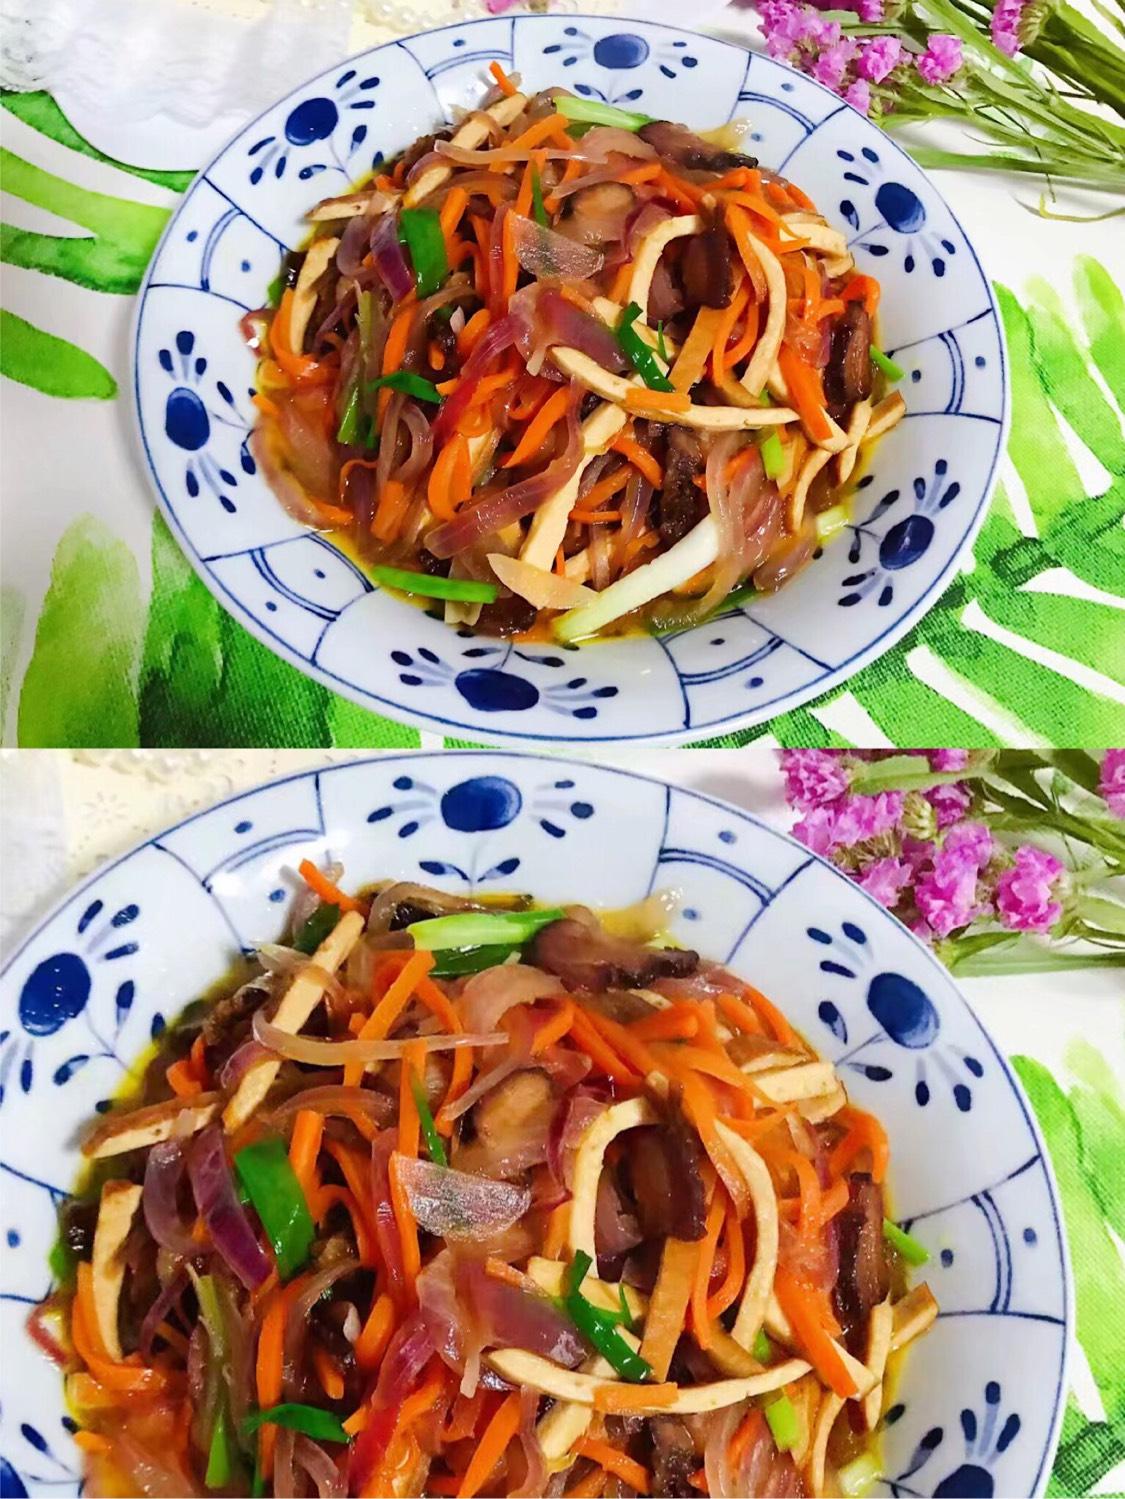 胡萝卜洋葱香干炒酱油肉😋😋😋